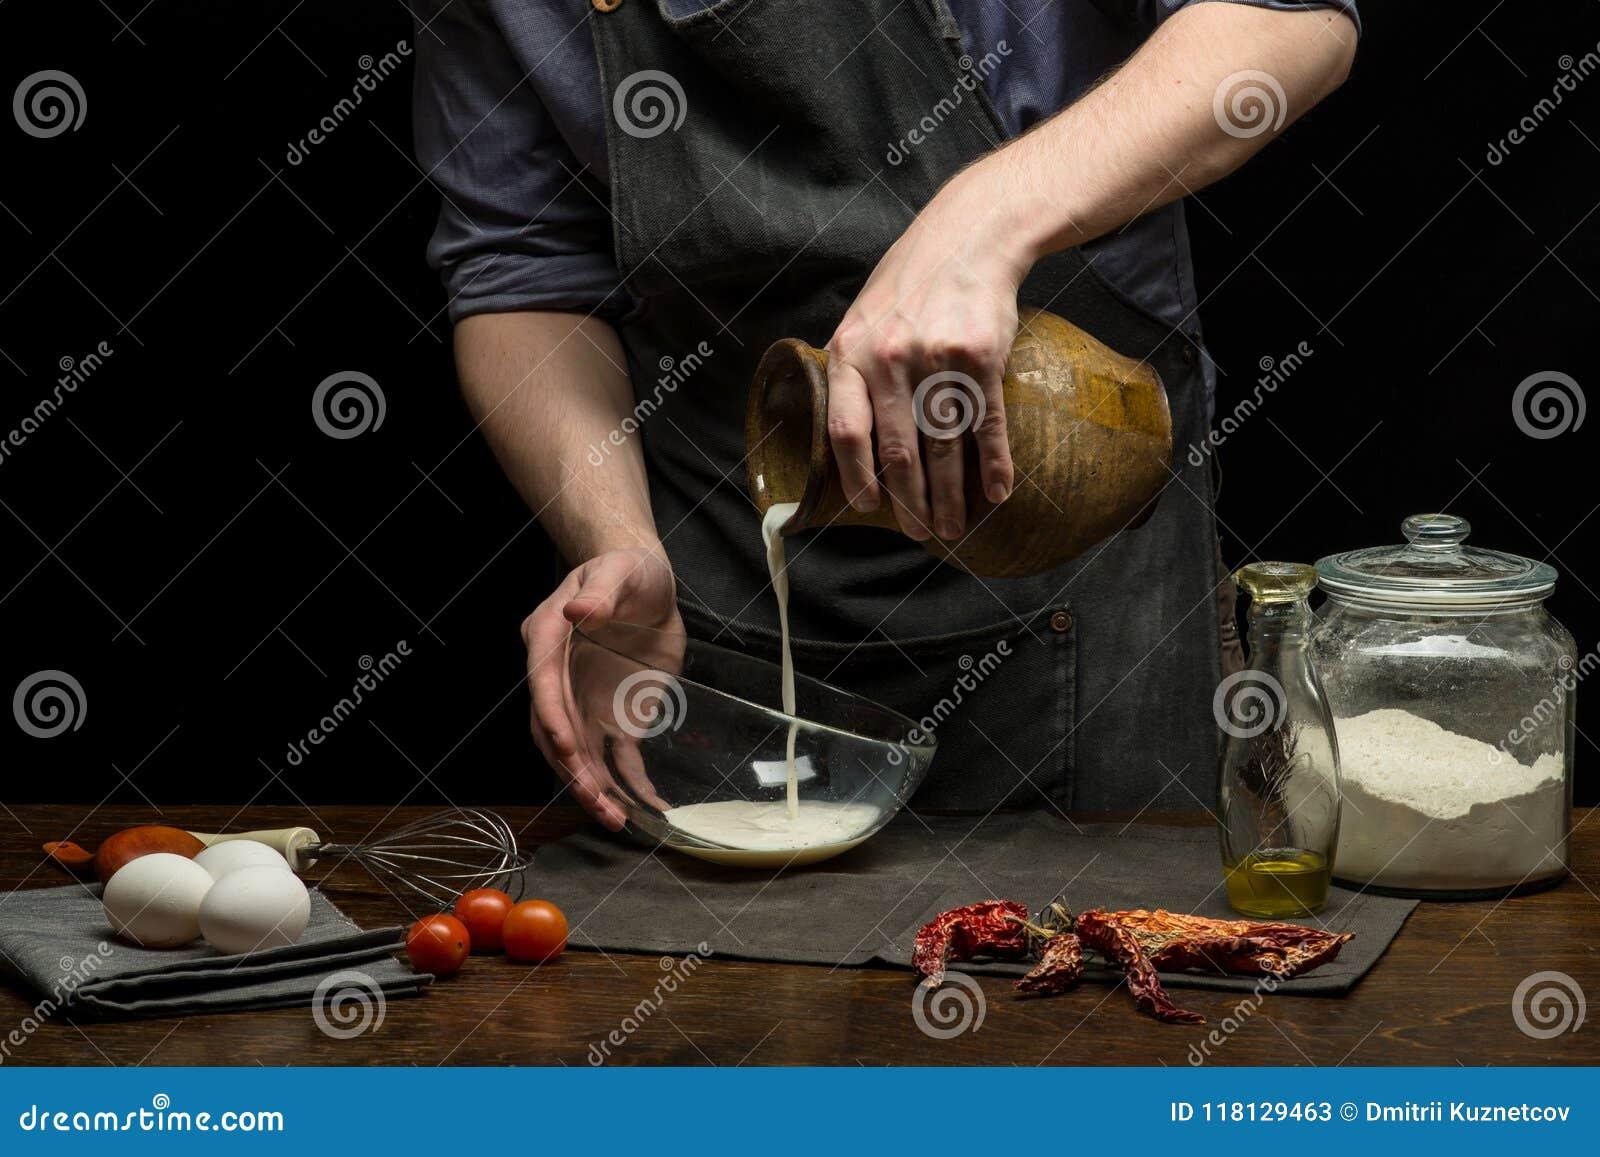 Τα χέρια αρχιμαγείρων χύνουν το γάλα από το βάζο τερακότας για να προετοιμάσουν τη ζύμη